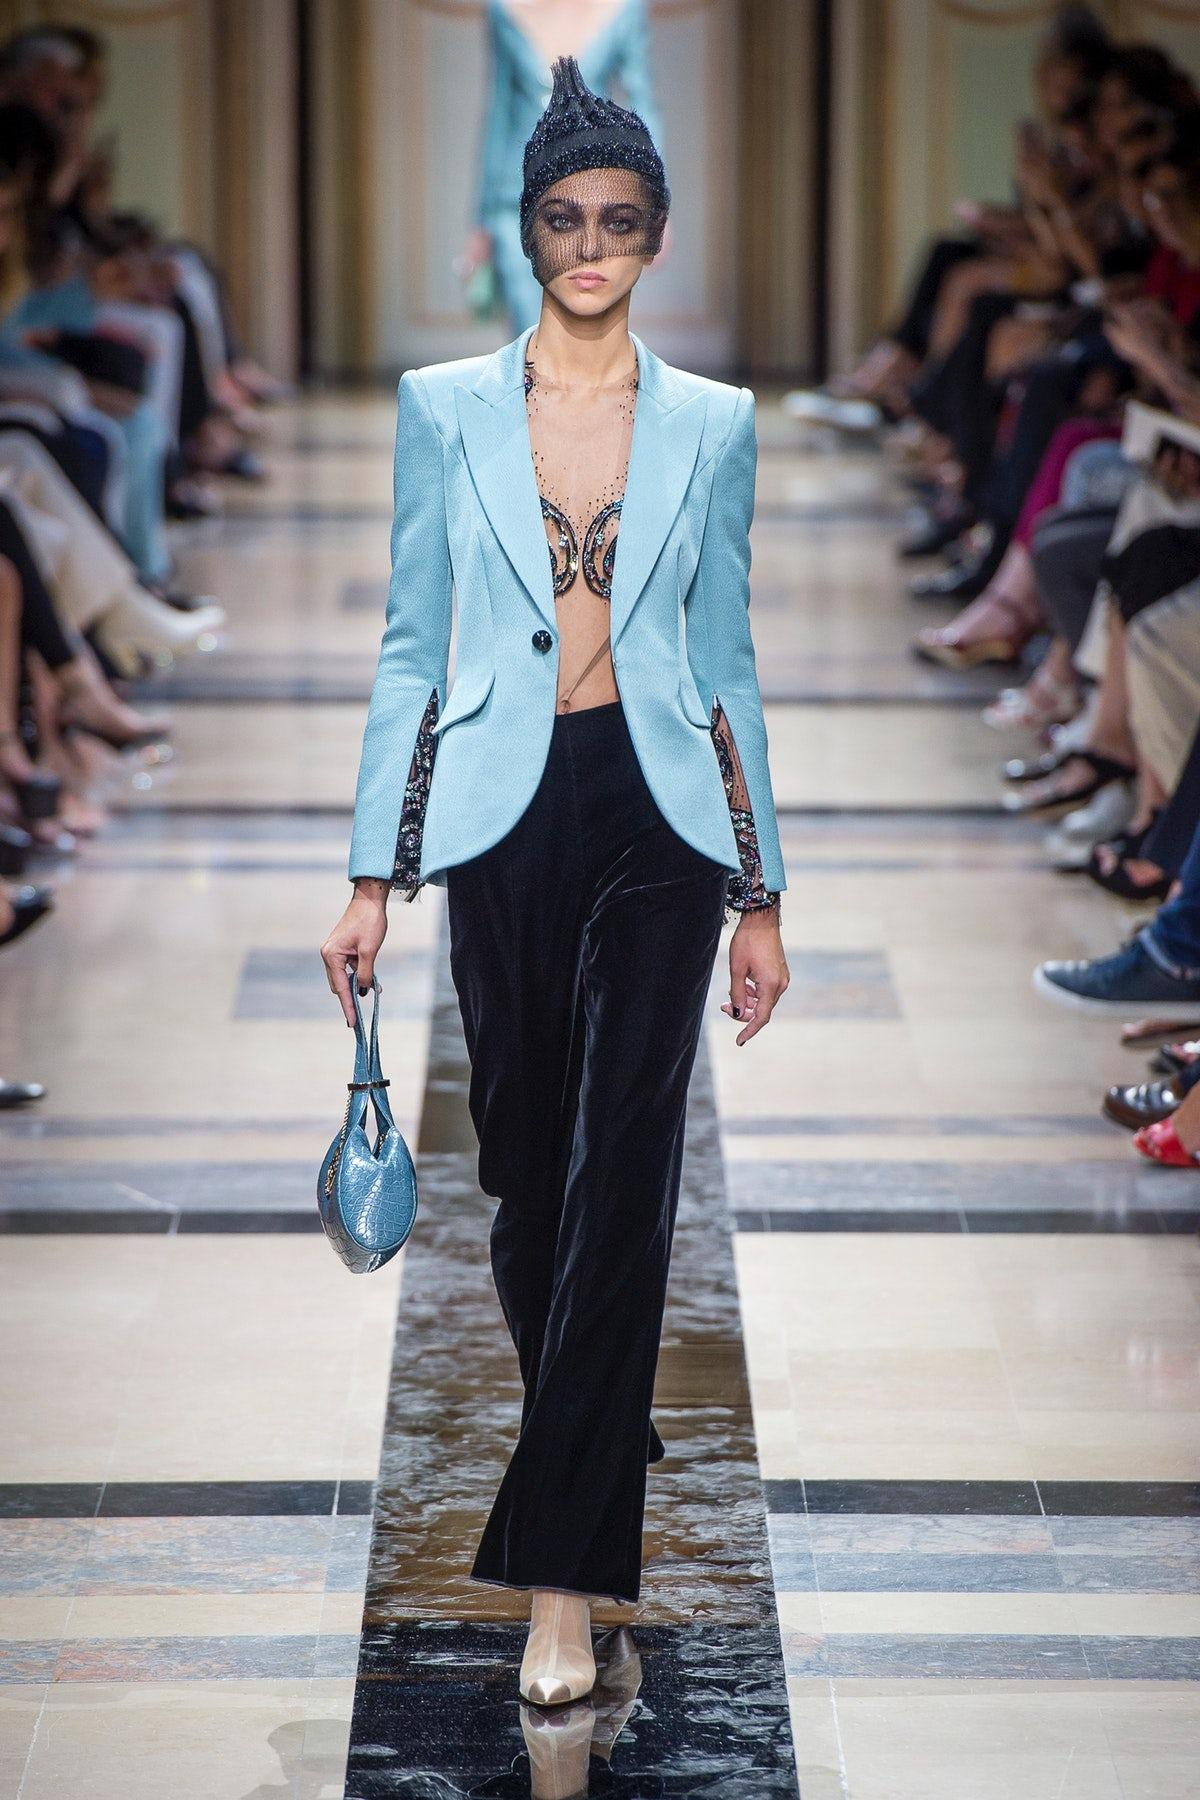 Giorgio Armani Haute Couture Autumn/Winter 2018 | Source: InDigital.tv